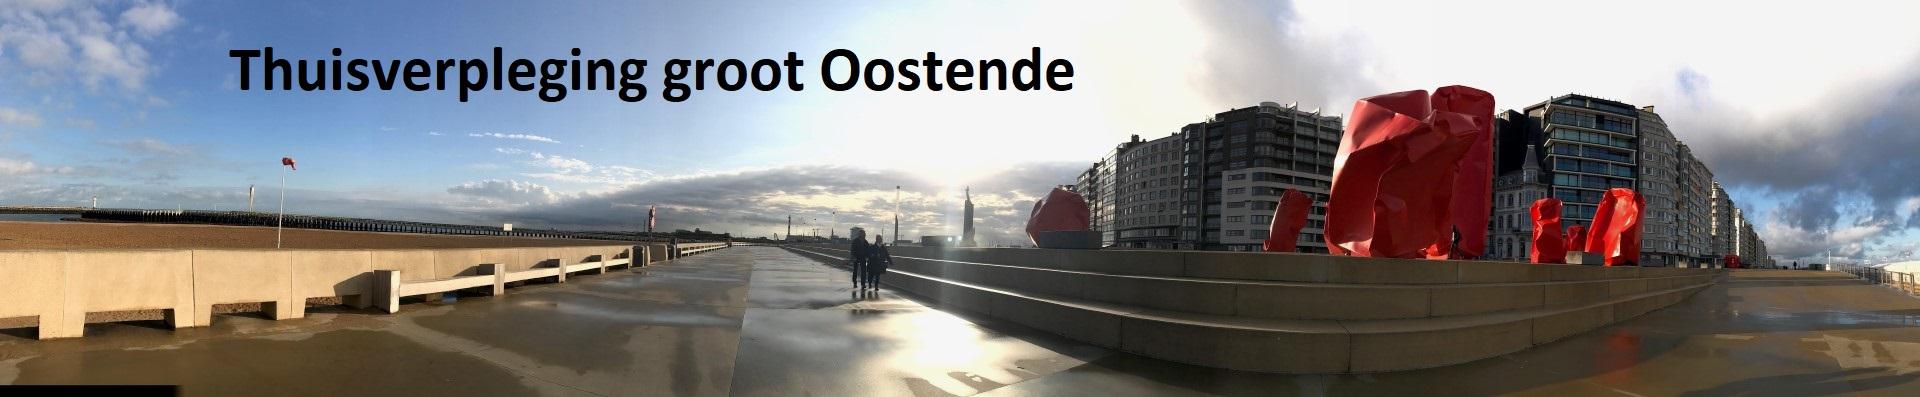 Thuisverpleging groot Oostende